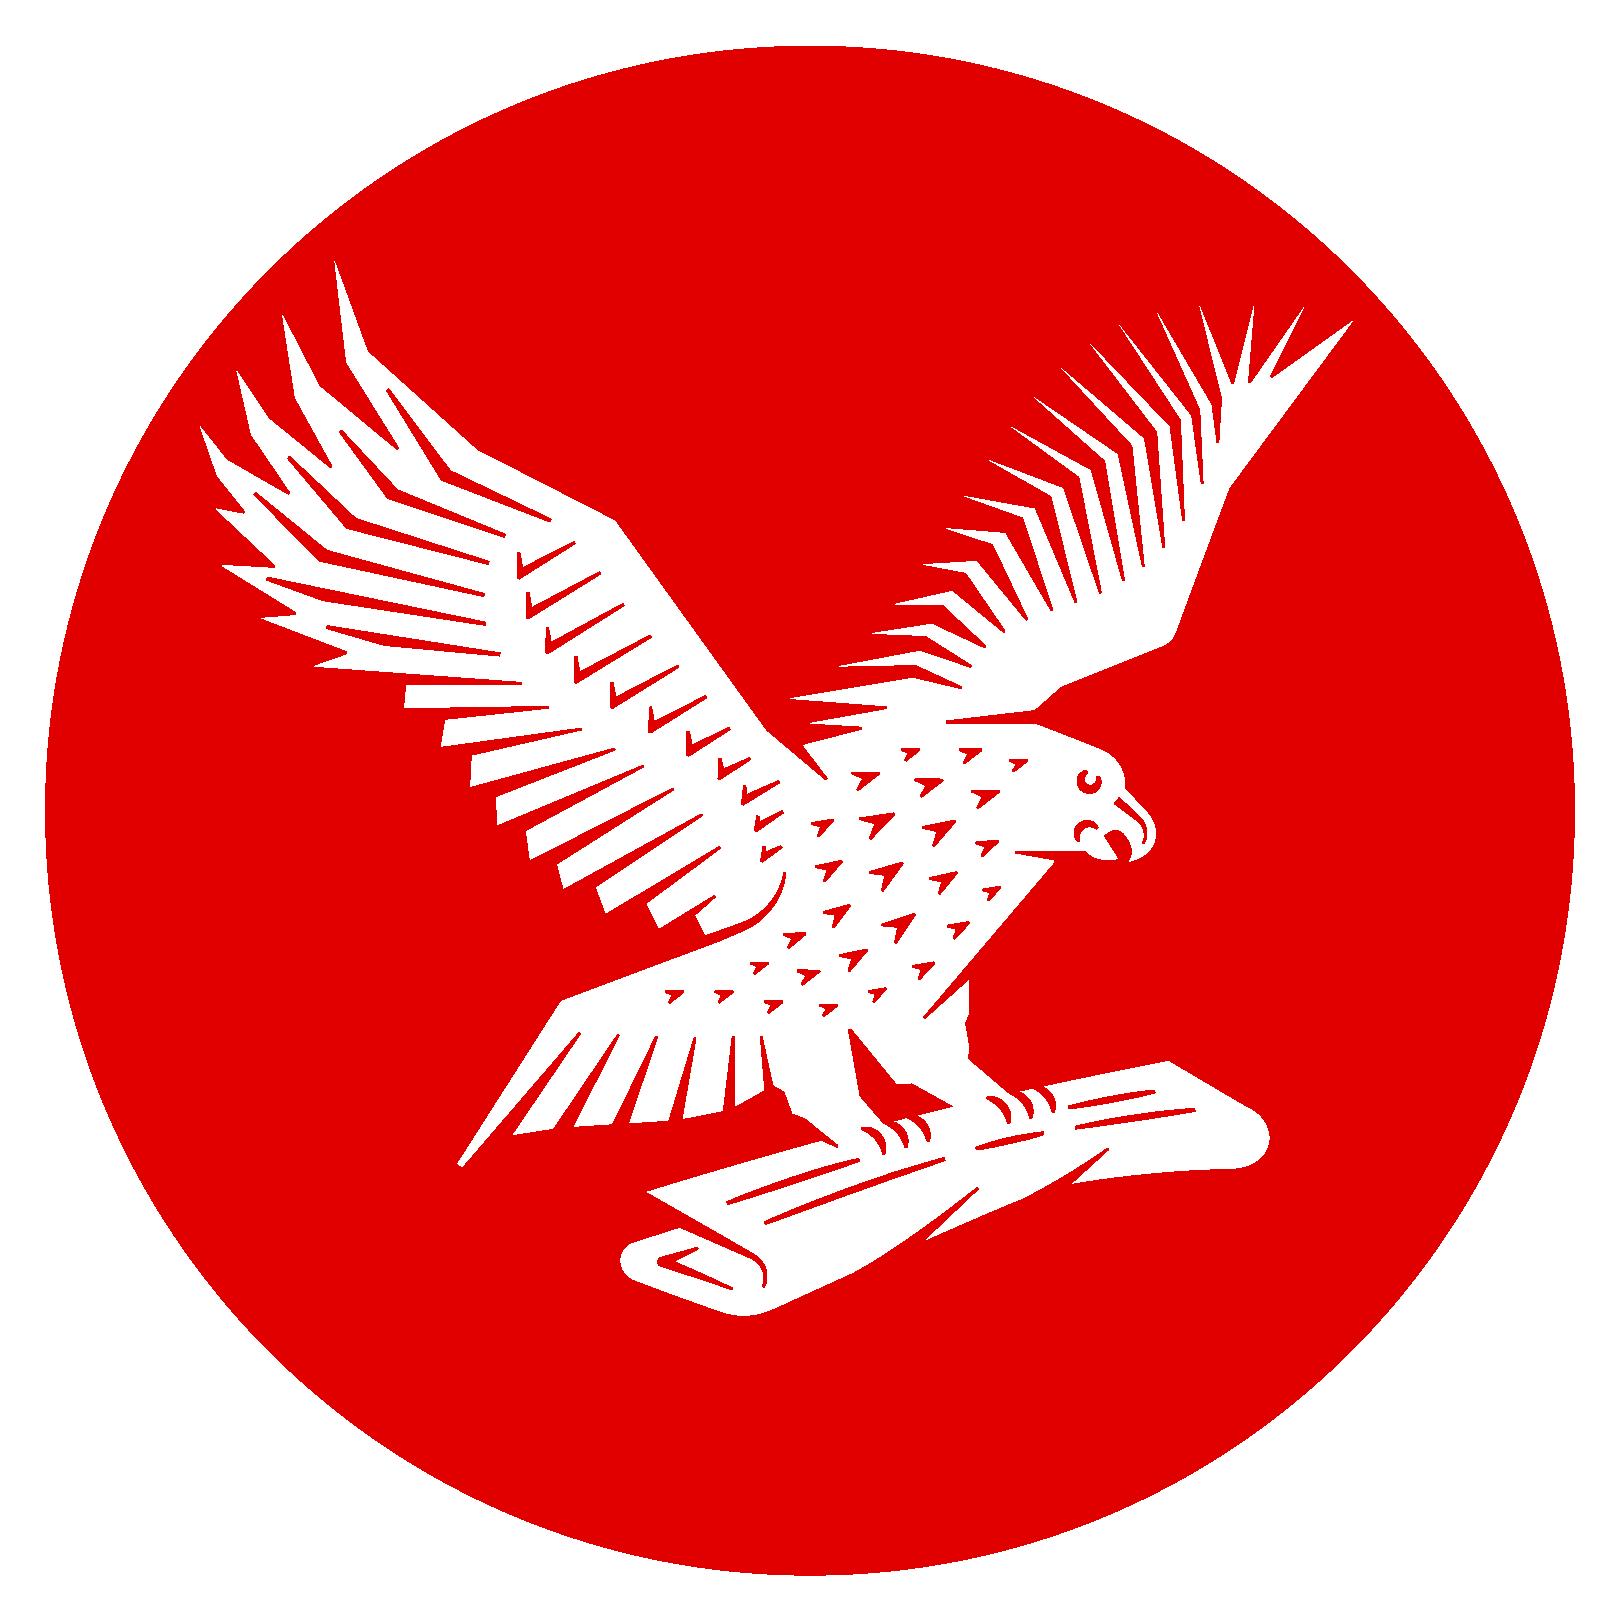 https://www.johnkeaneart.com/assets/images/medjpg/latigre-indy-eagle-01.png